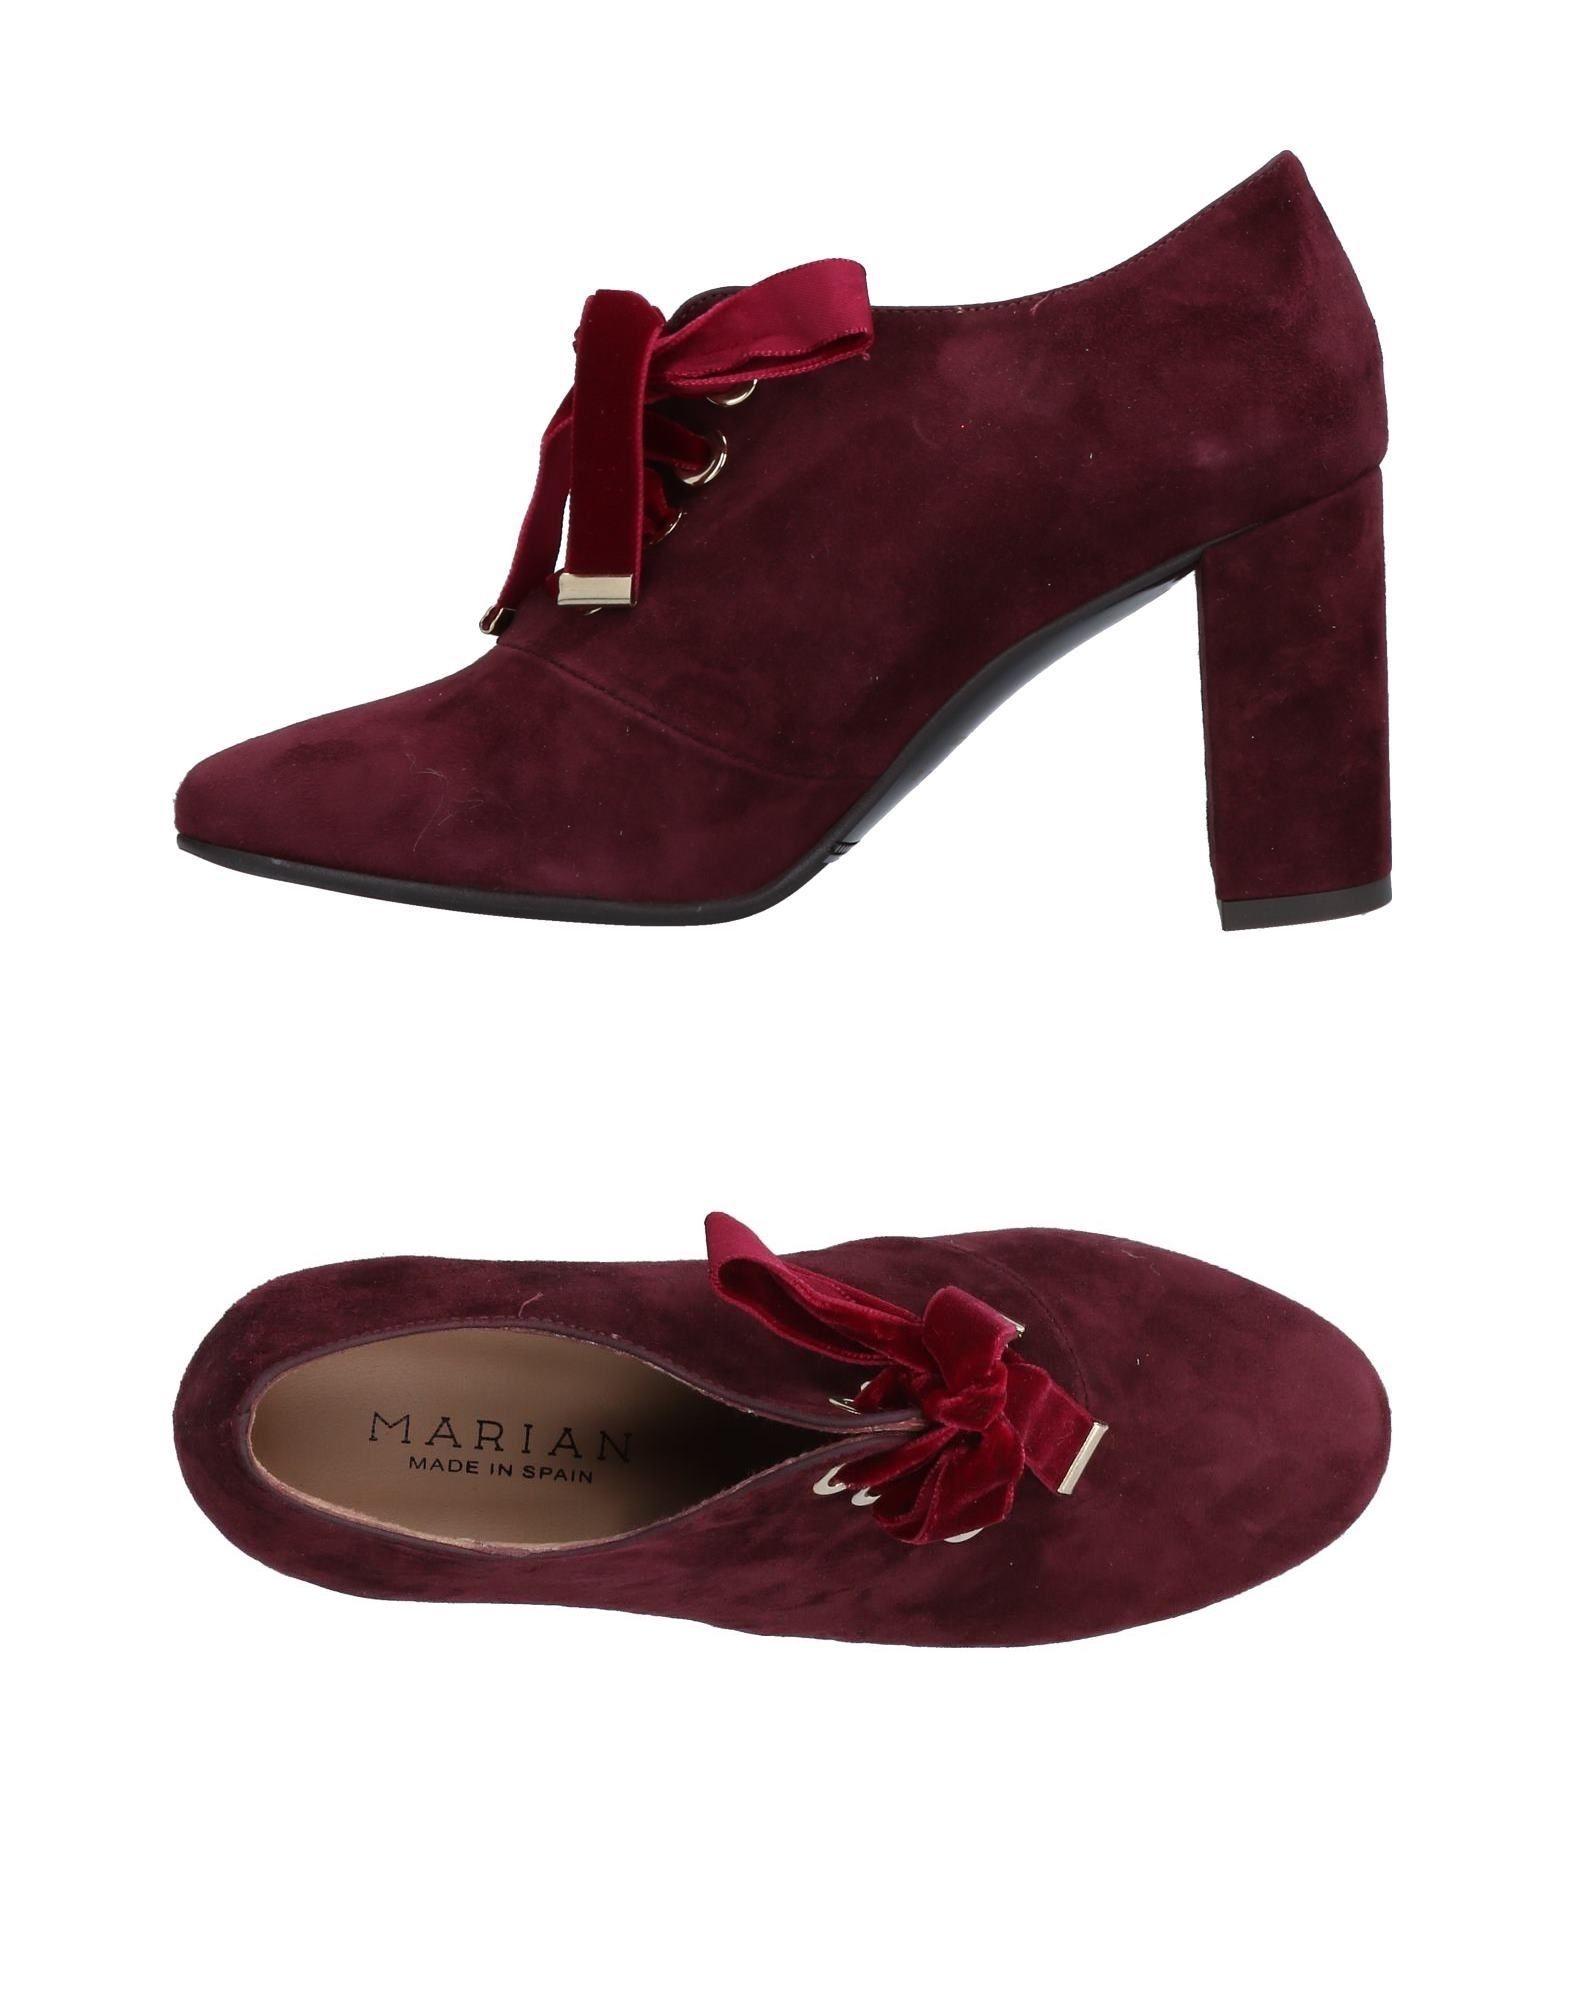 Marian Schnürschuhe Damen  11503749EM Gute Qualität beliebte Schuhe